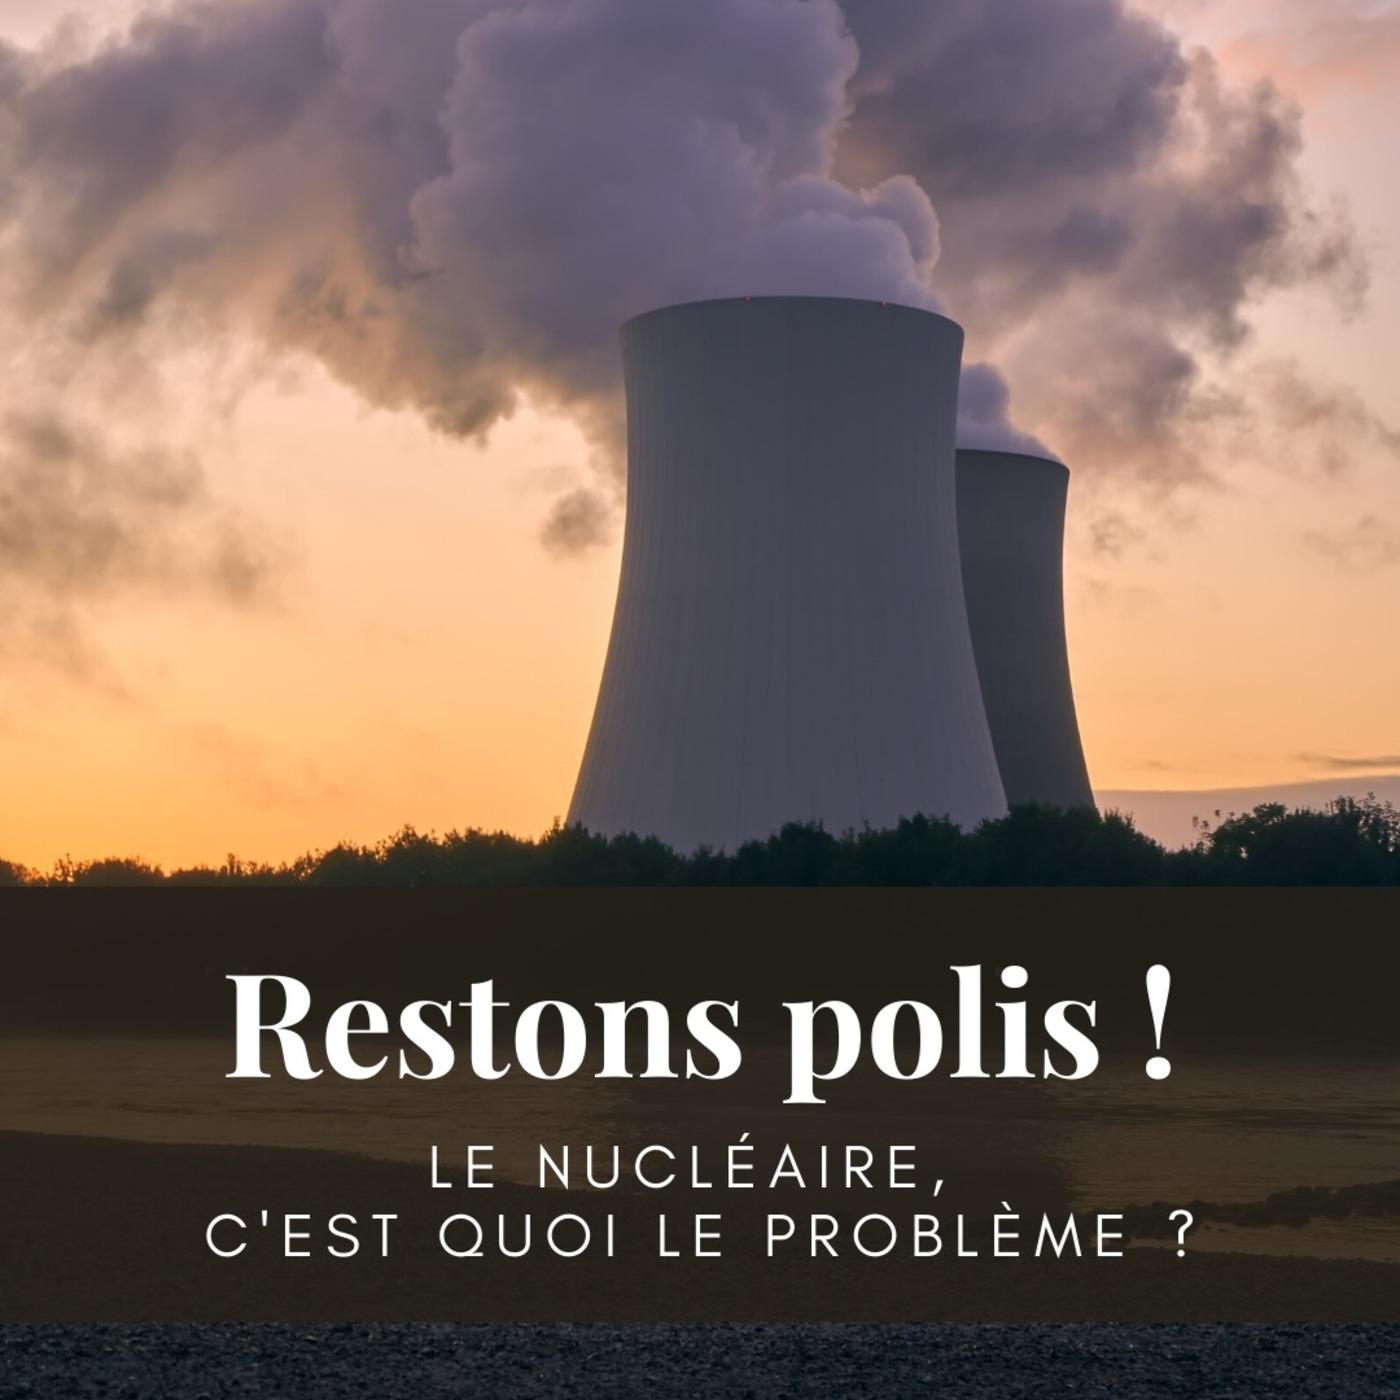 Ep. 24 : Le nucléaire, c'est quoi le problème ?